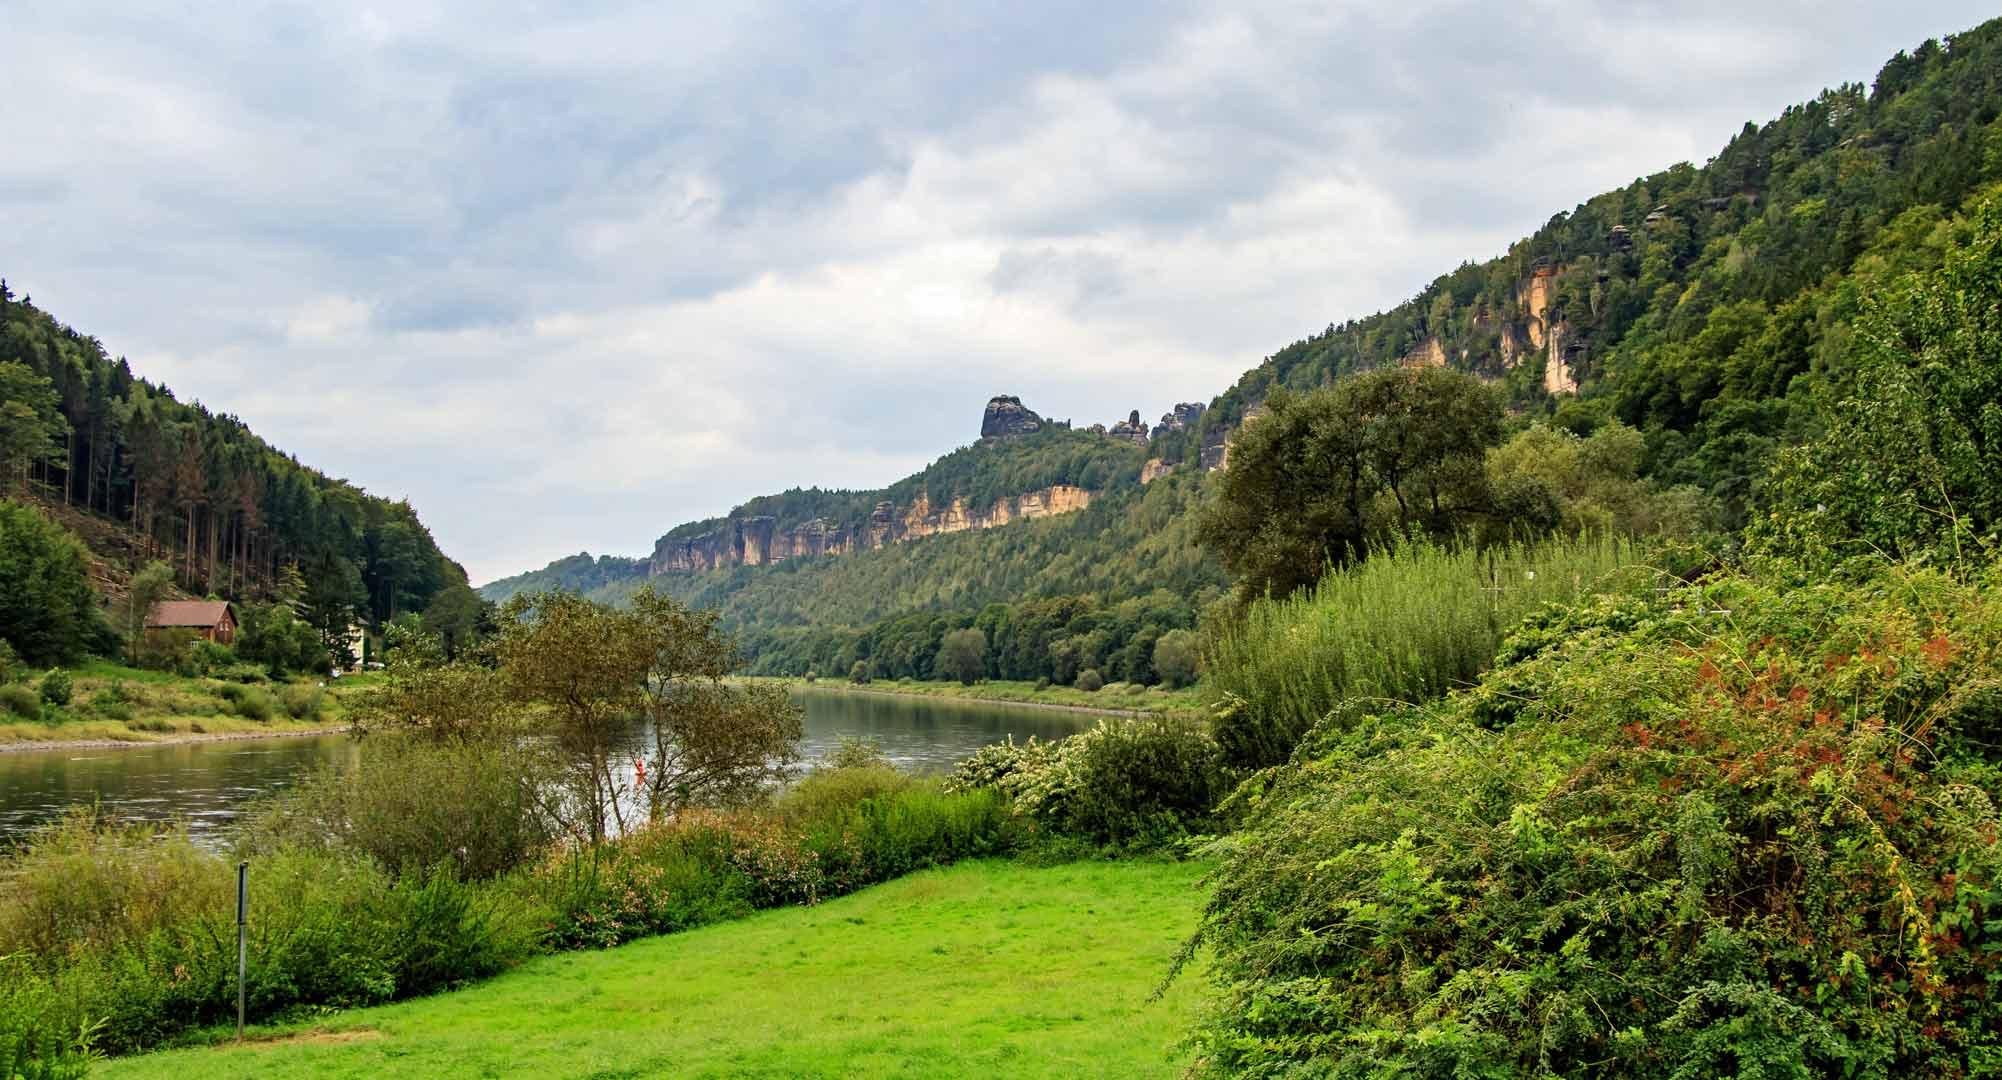 De grillige rotsformaties in de Sächsische Schweiz